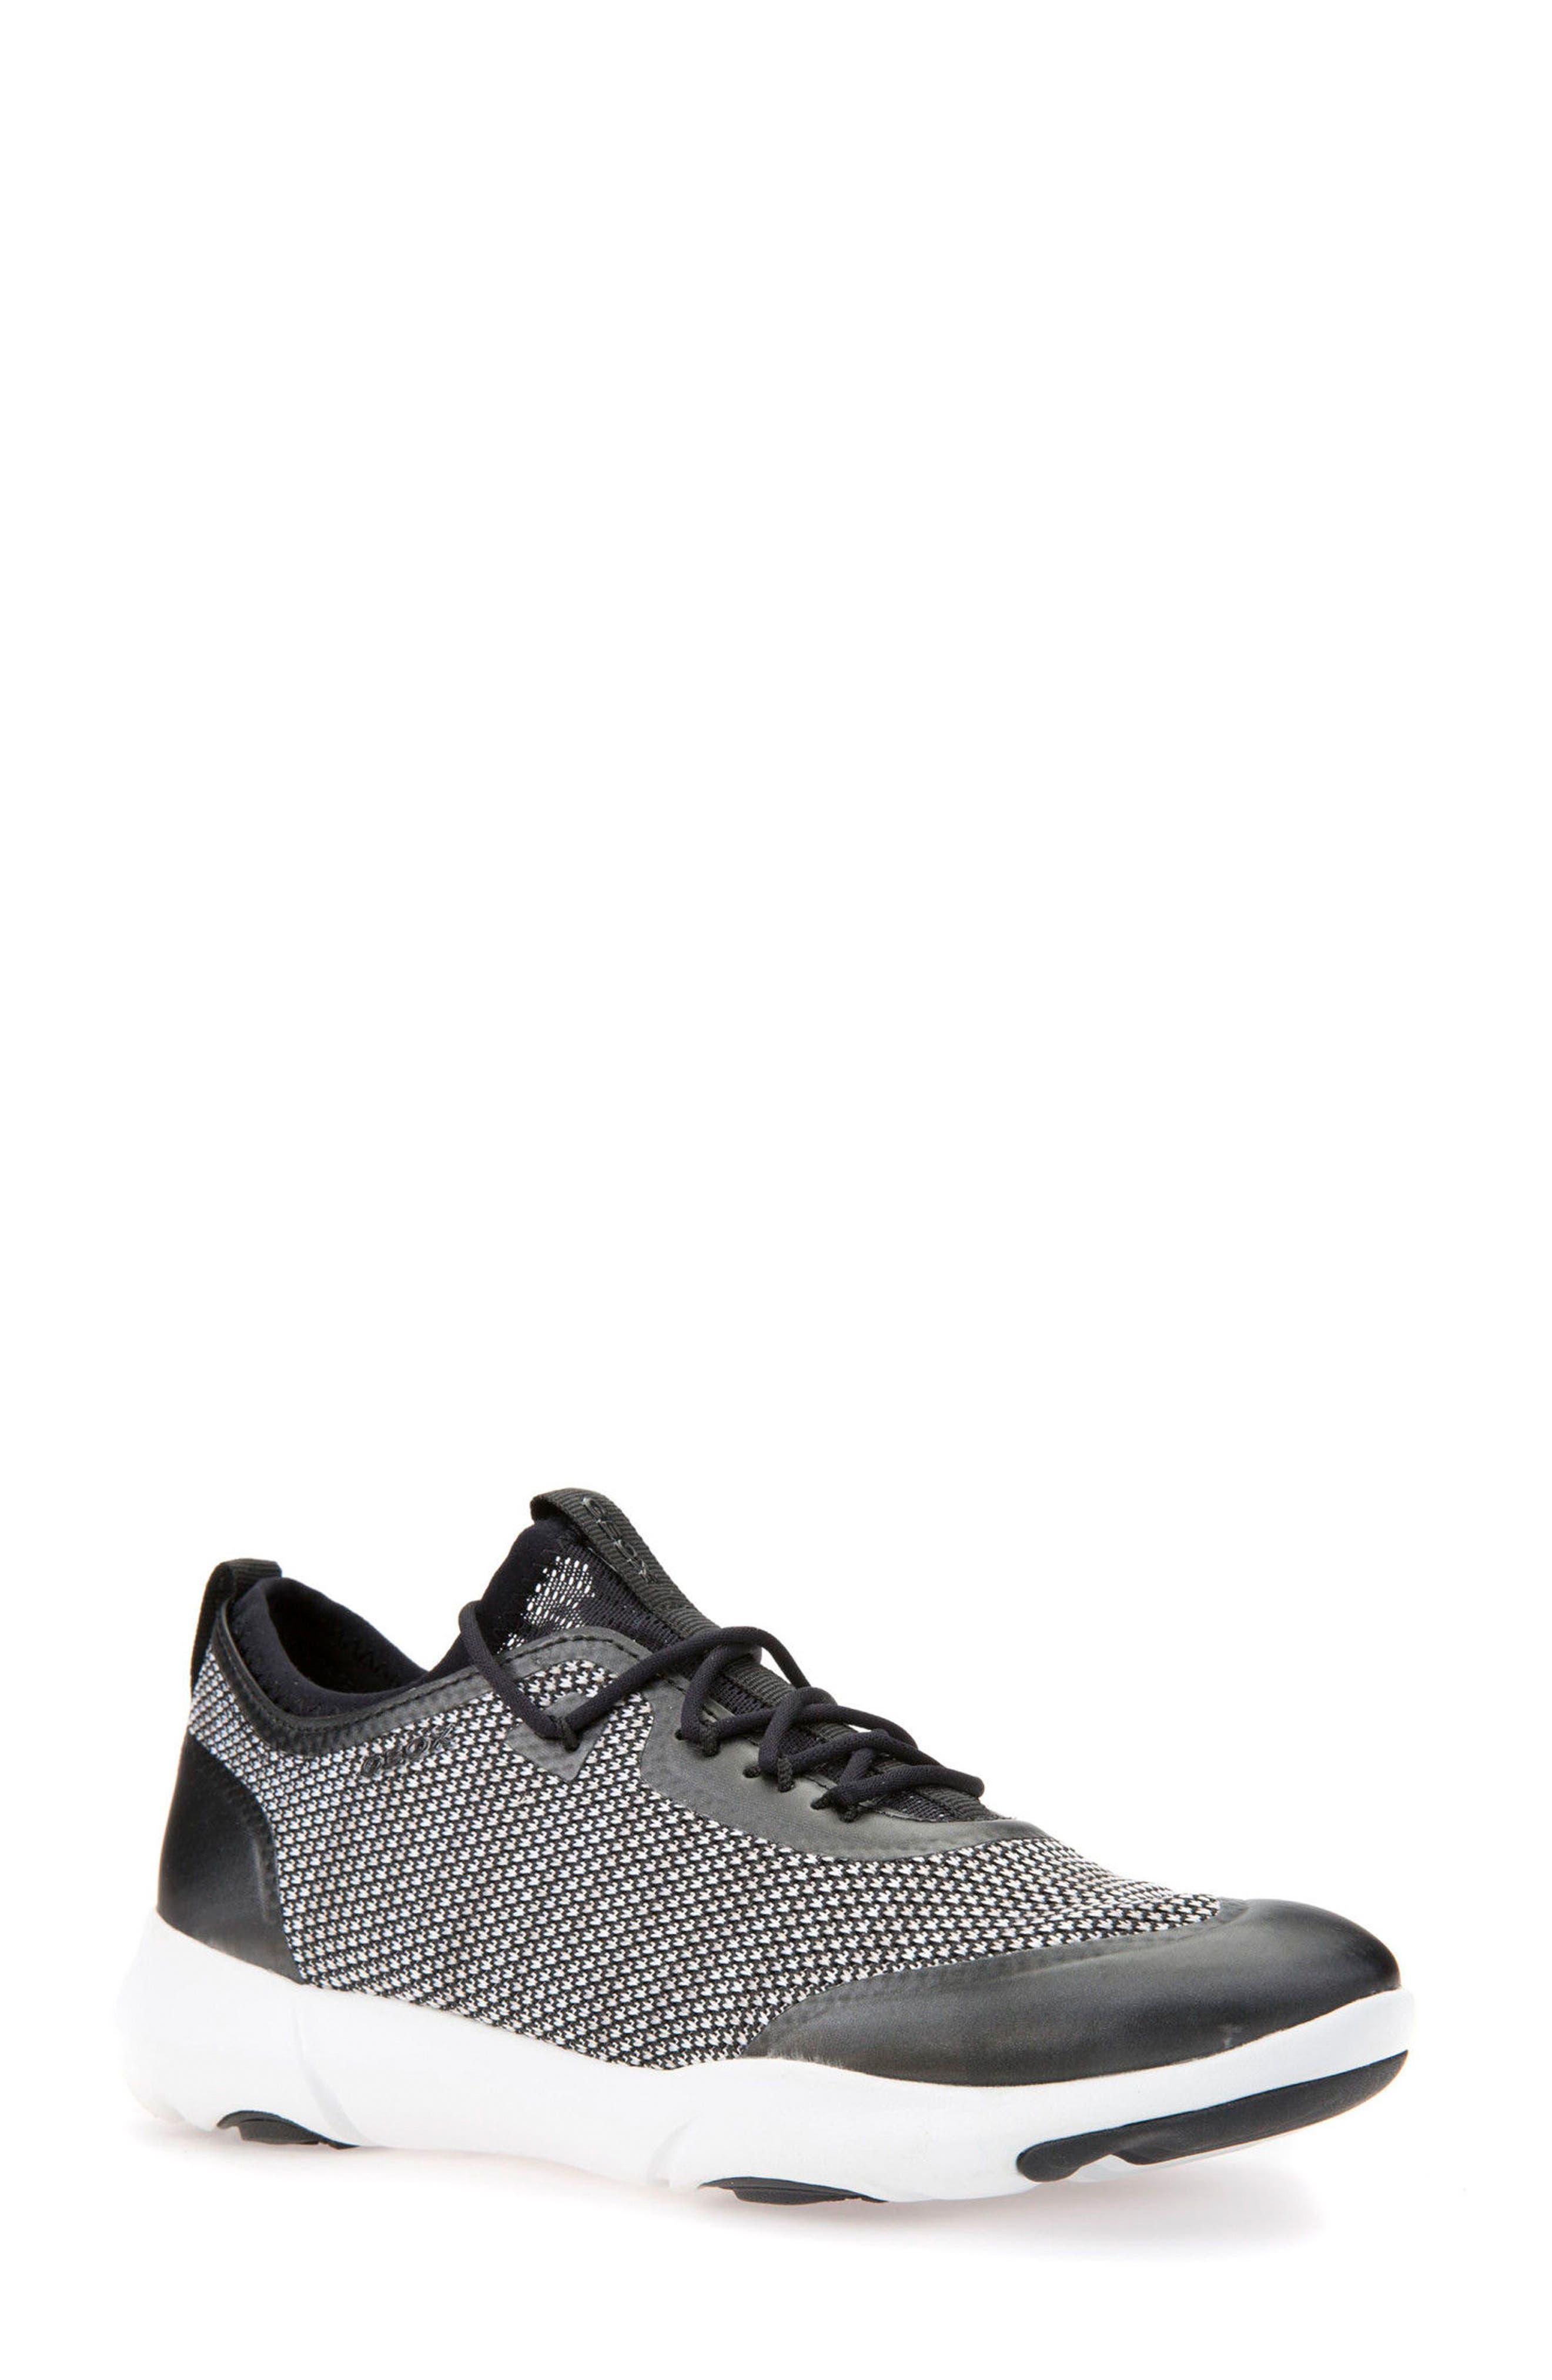 Nebula X Knit Sneaker,                             Main thumbnail 1, color,                             BLACK/ WHITE LEATHER